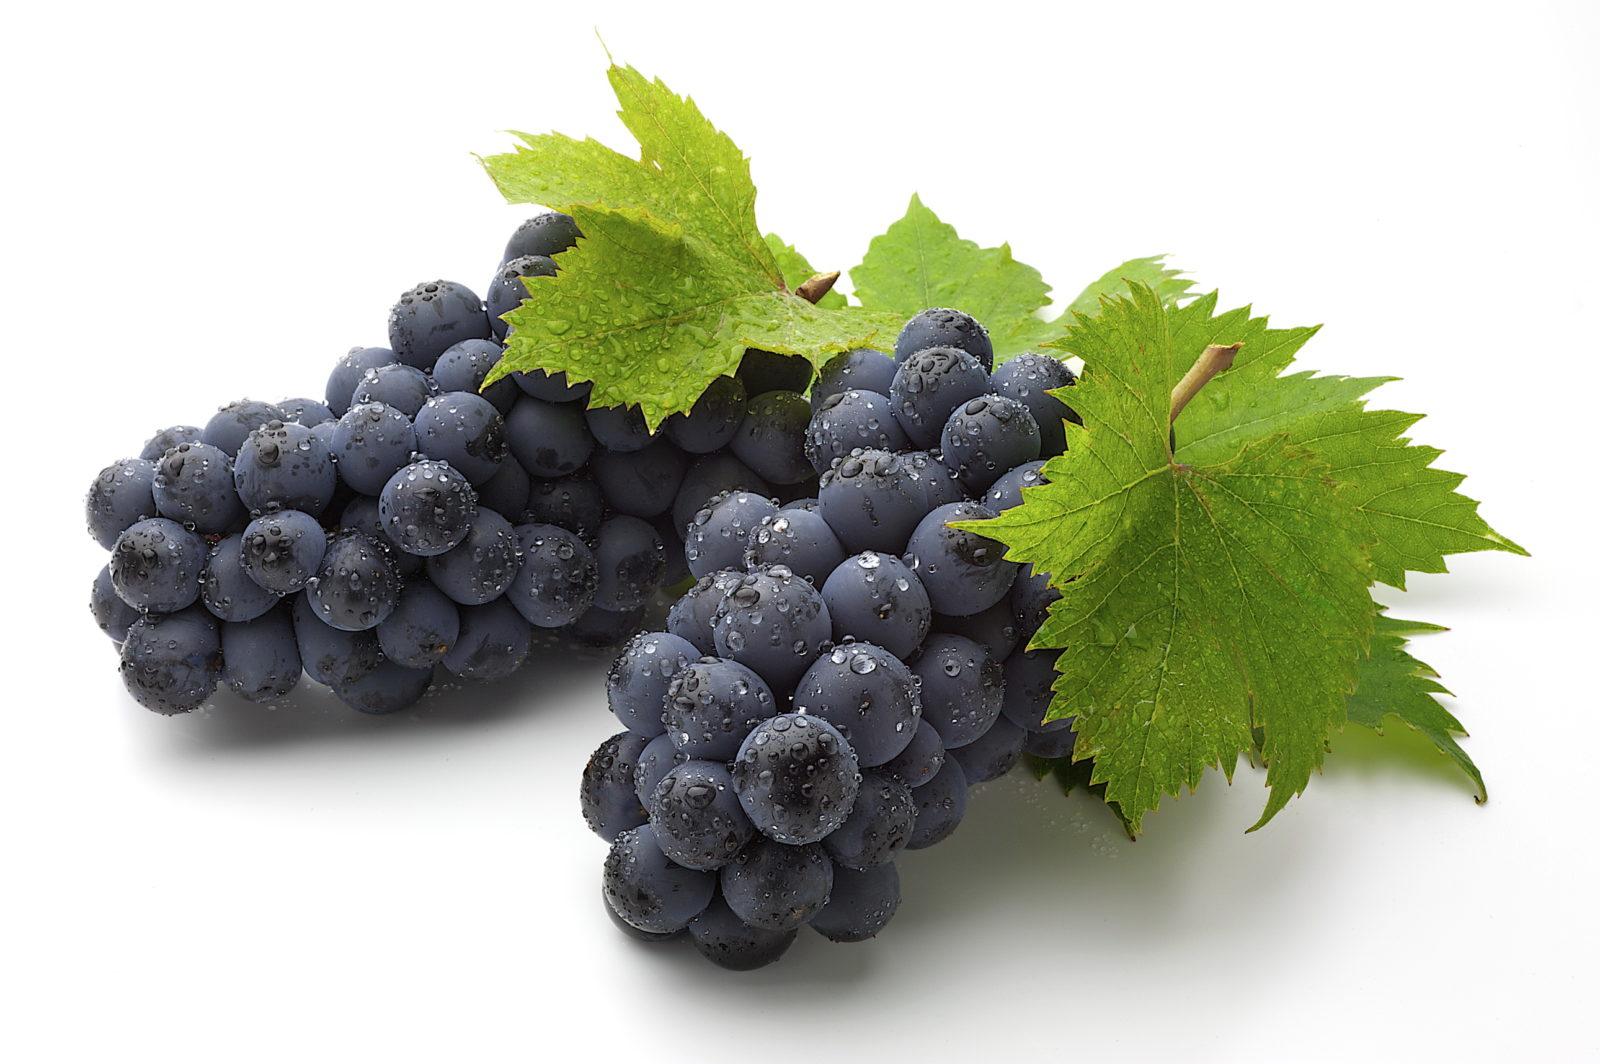 виноград фото 12